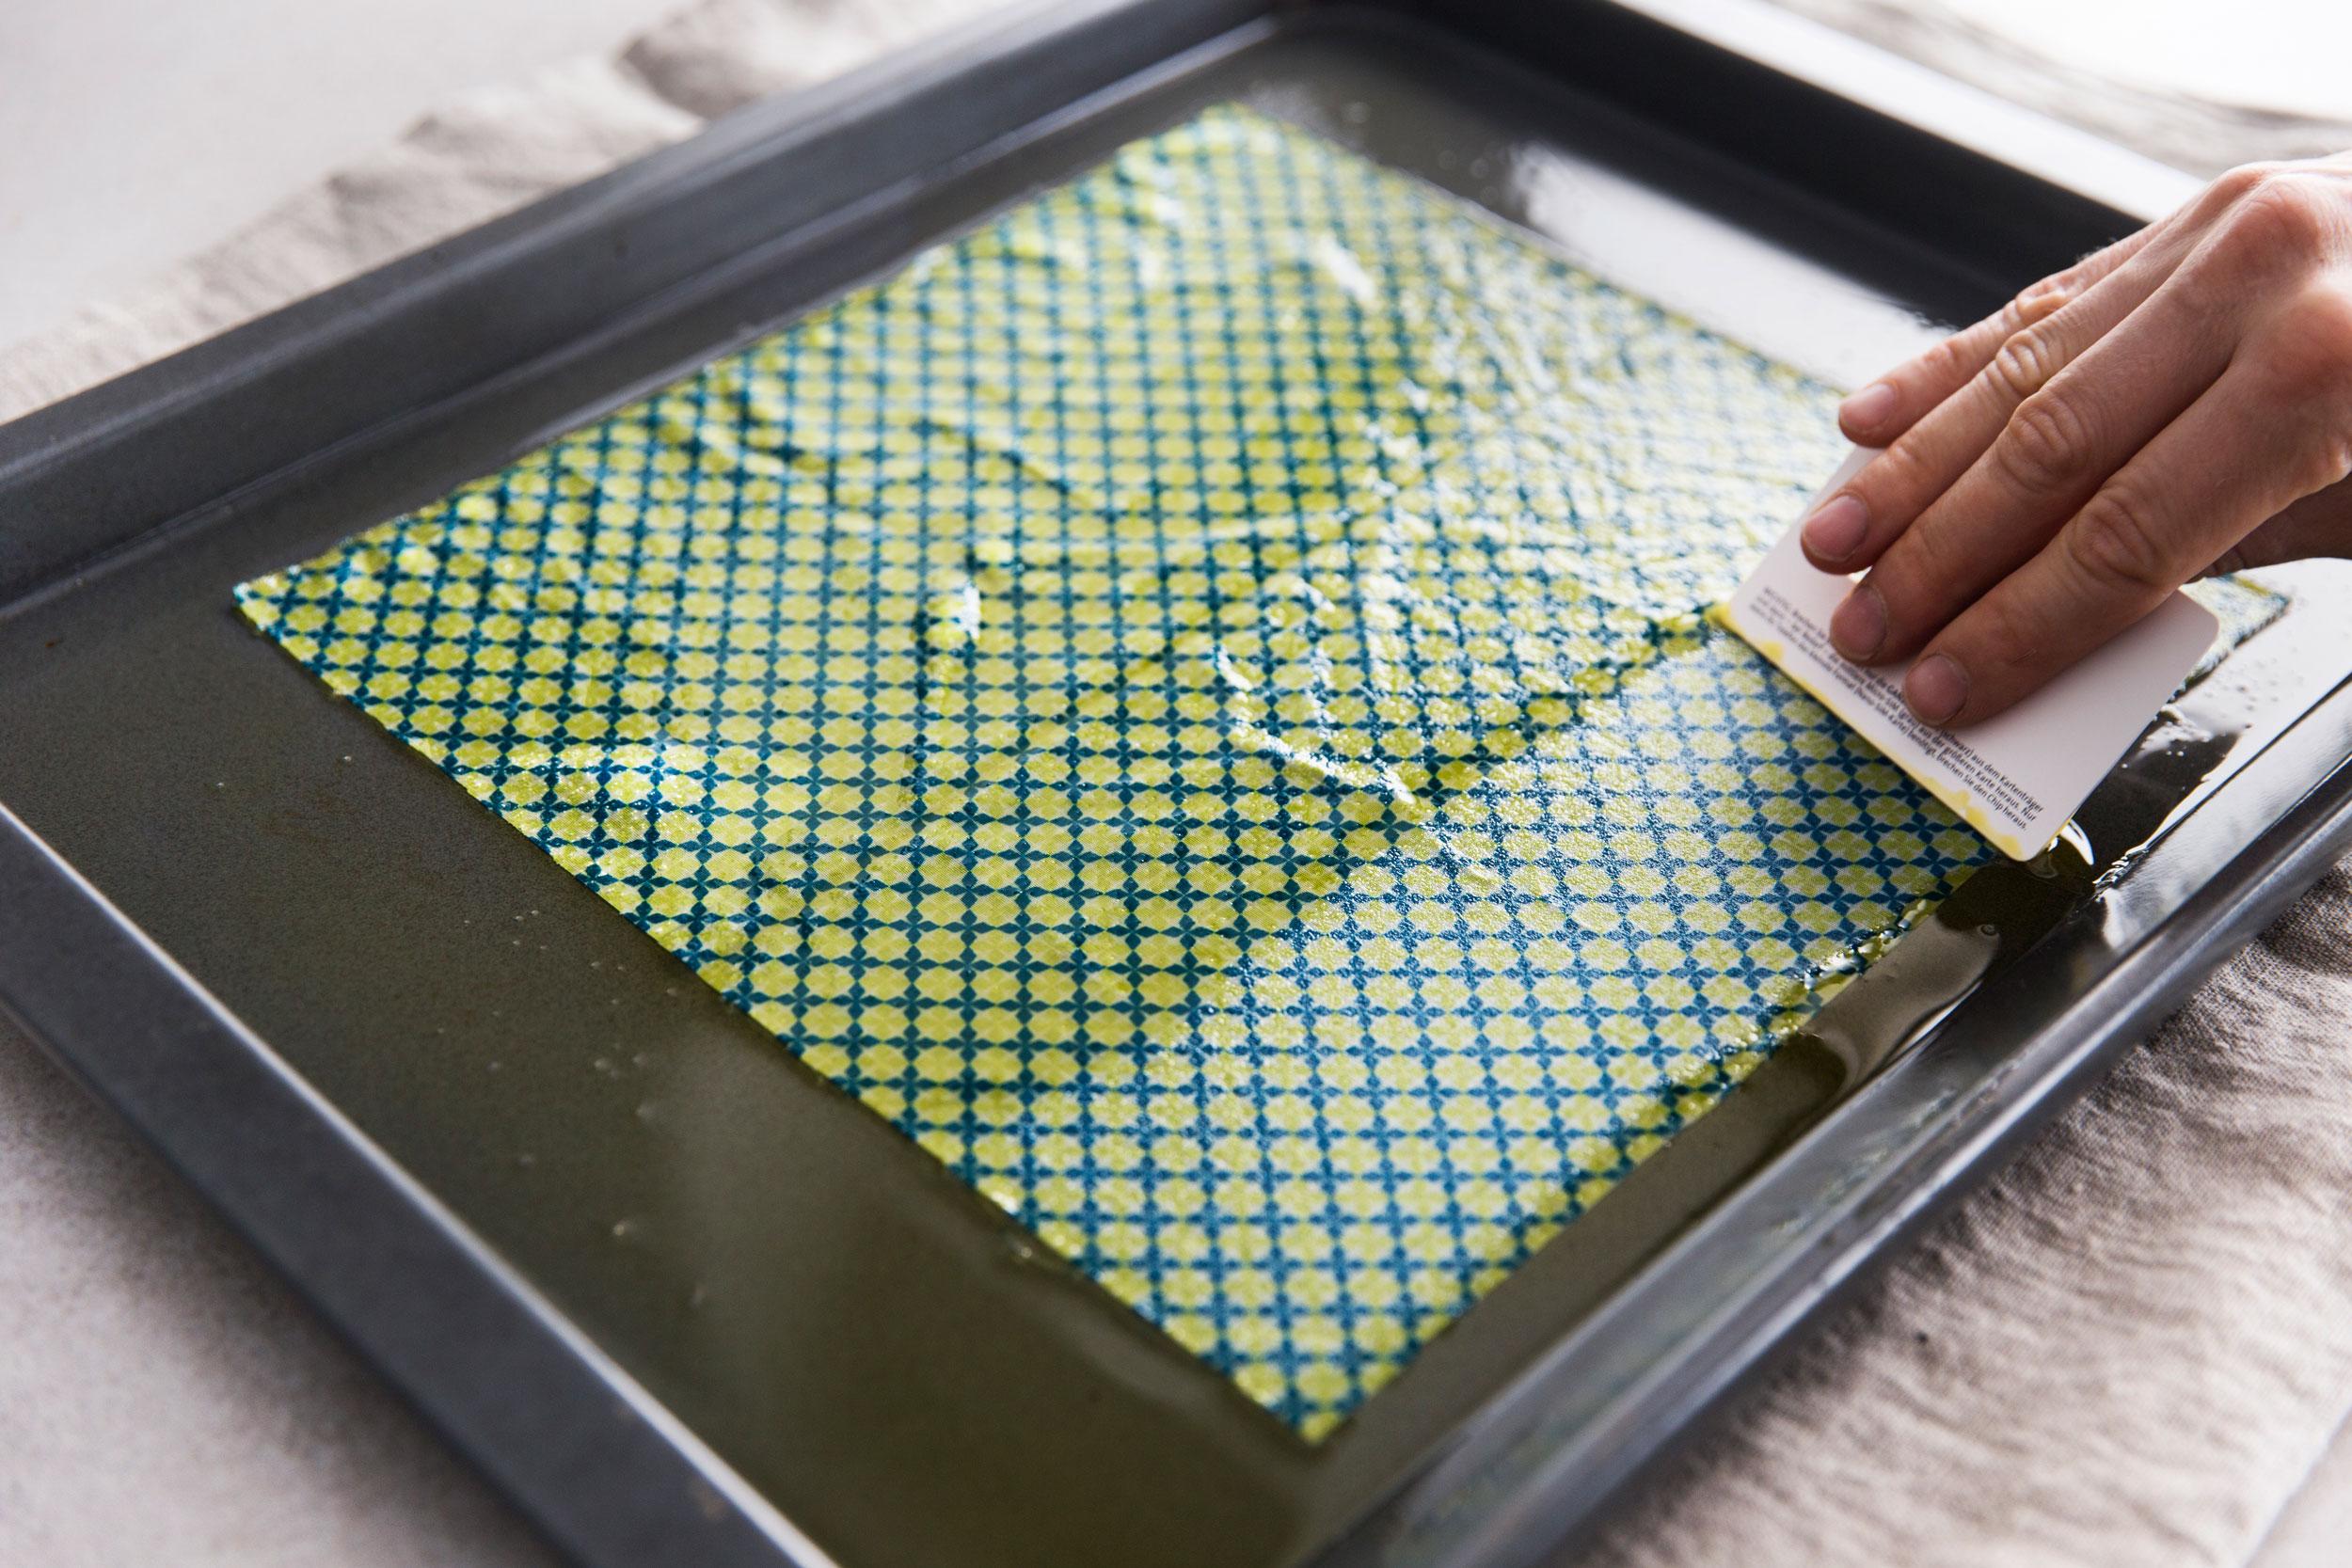 Bienenwachstuch herstellen, mit einer Karte abziehen